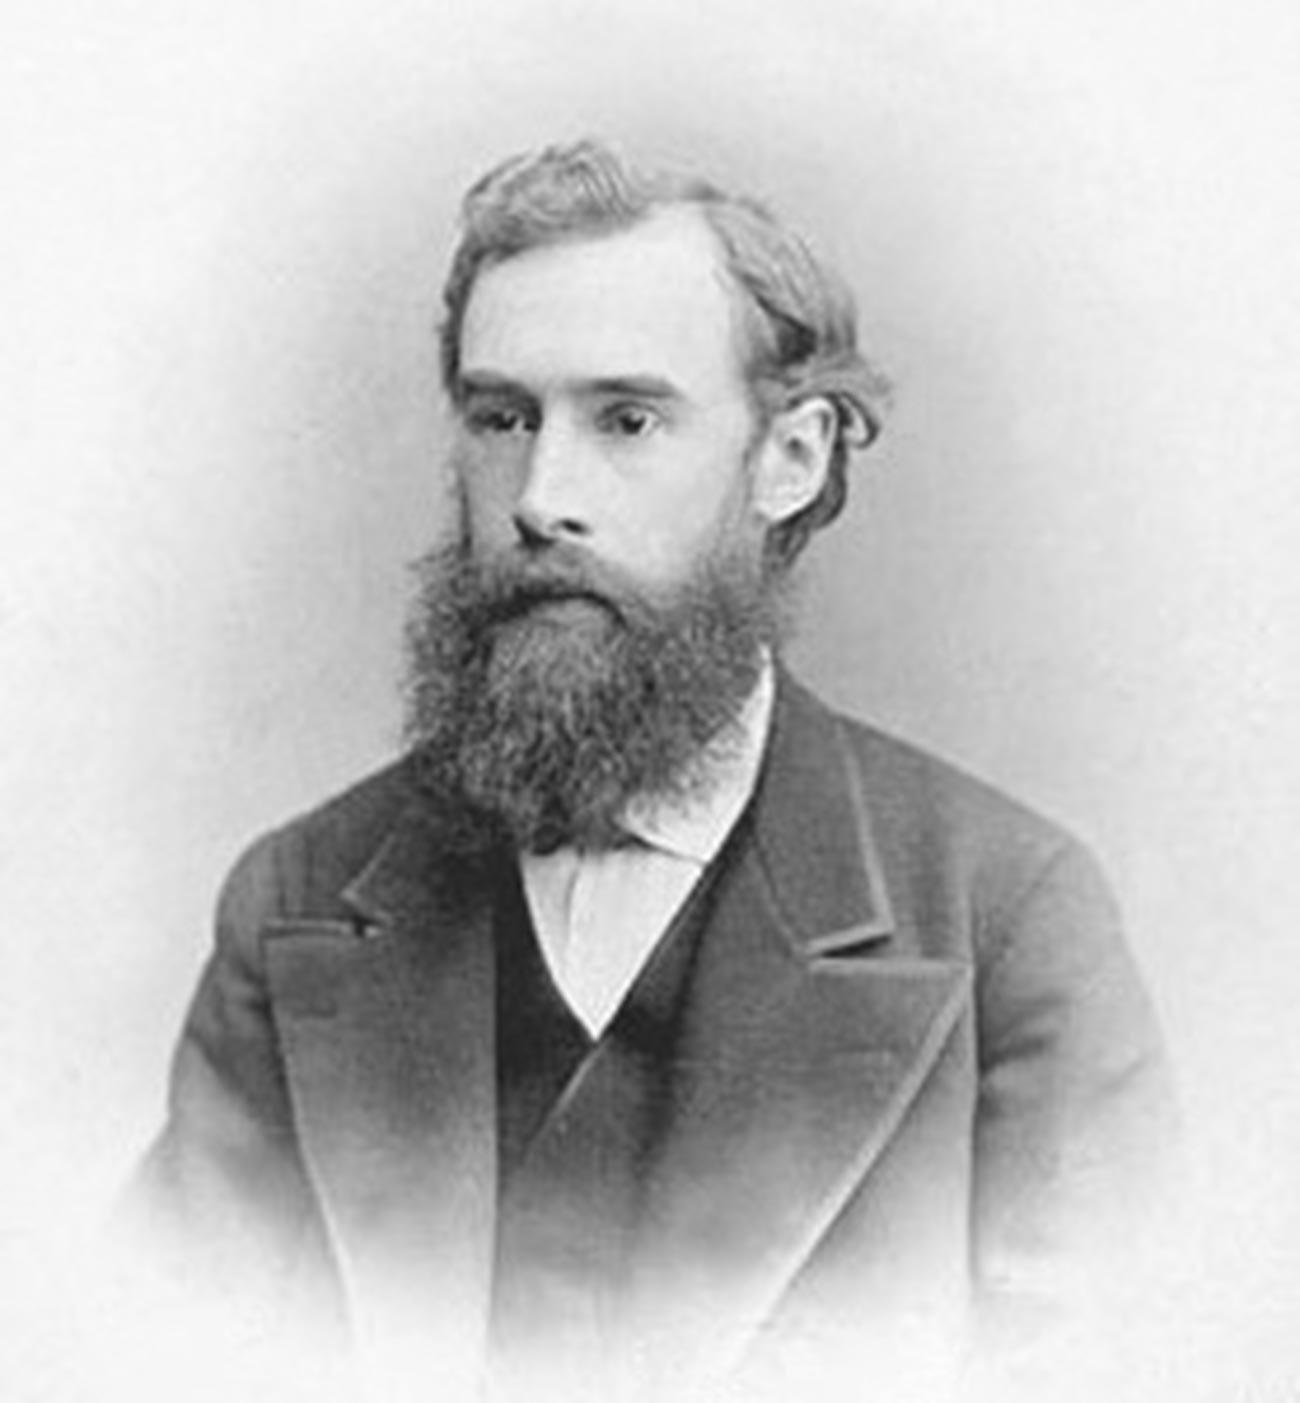 Pavel Tretyakov in 1892